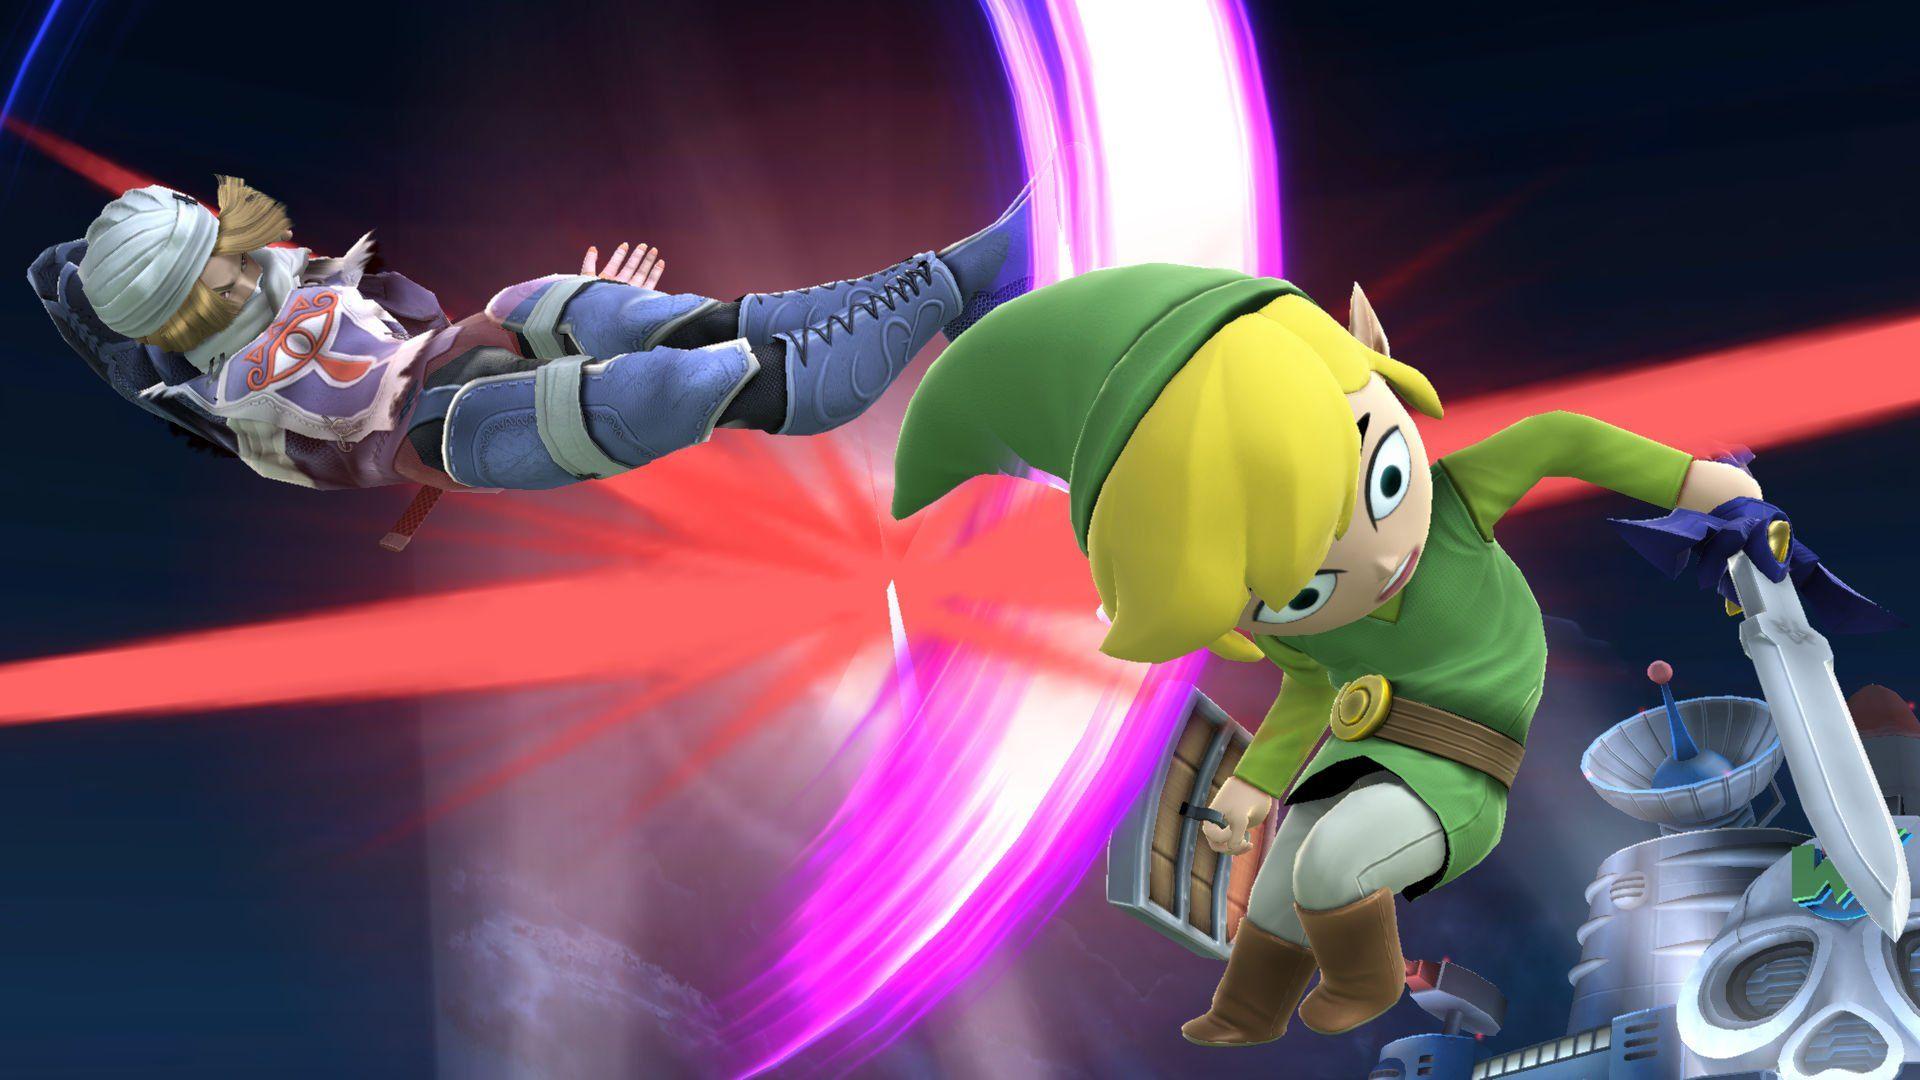 #SuperSmashBros #WiiU #3DS Para más información sobre #Videojuegos, Suscríbete a nuestra página web: www.todosobrevideojuegos.com y Síguenos en Twitter  https://twitter.com/TS_Videojuegos